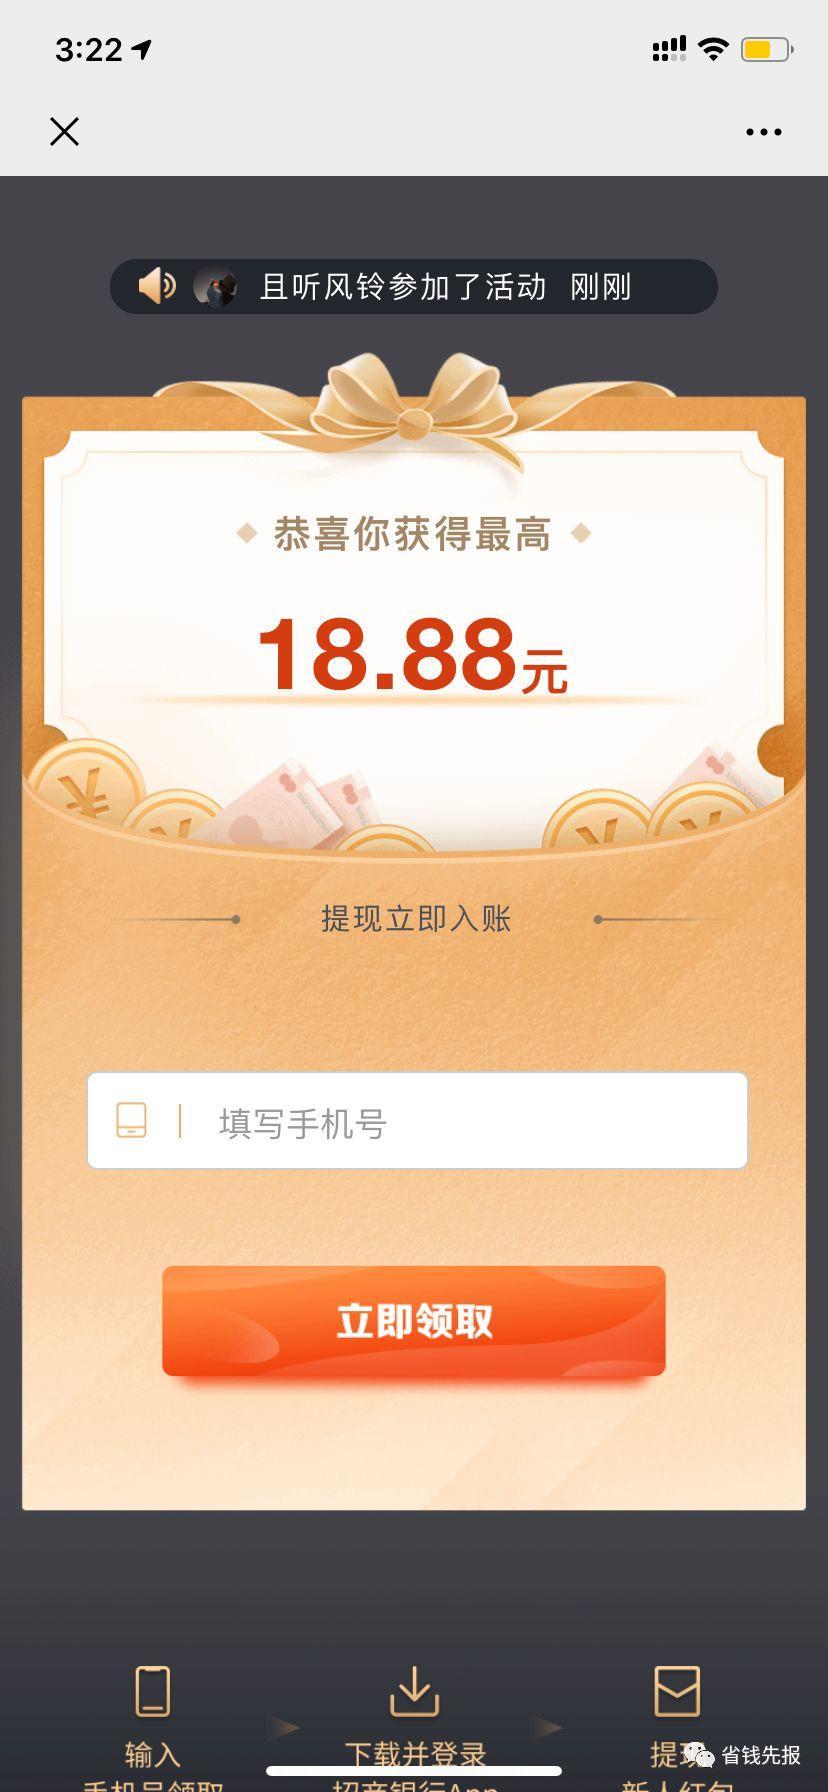 招商银行6-18.88元零钱,所有银行卡都能参与,直接到账微信零钱!